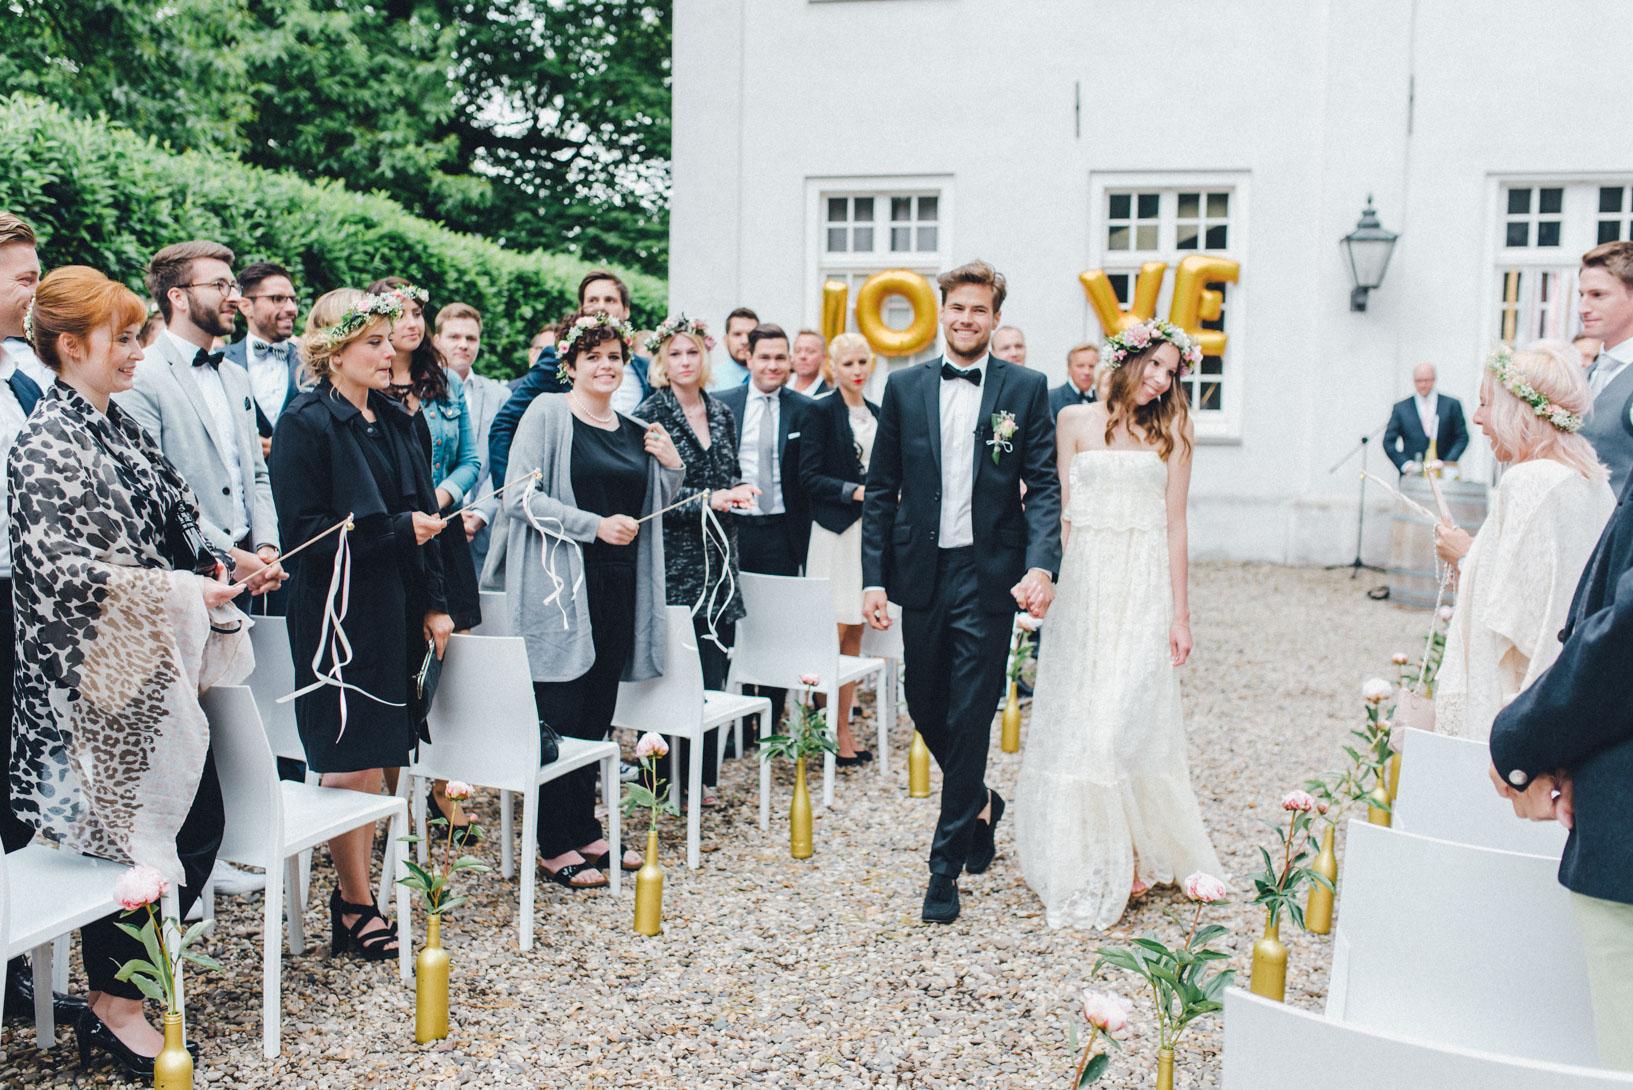 DIY-Hochzeit-gold-VW-Bully-68 Janet & Pierre DIY Midsummer-Wedding in Gold mit VW BulliDIY Hochzeit gold VW Bully 68